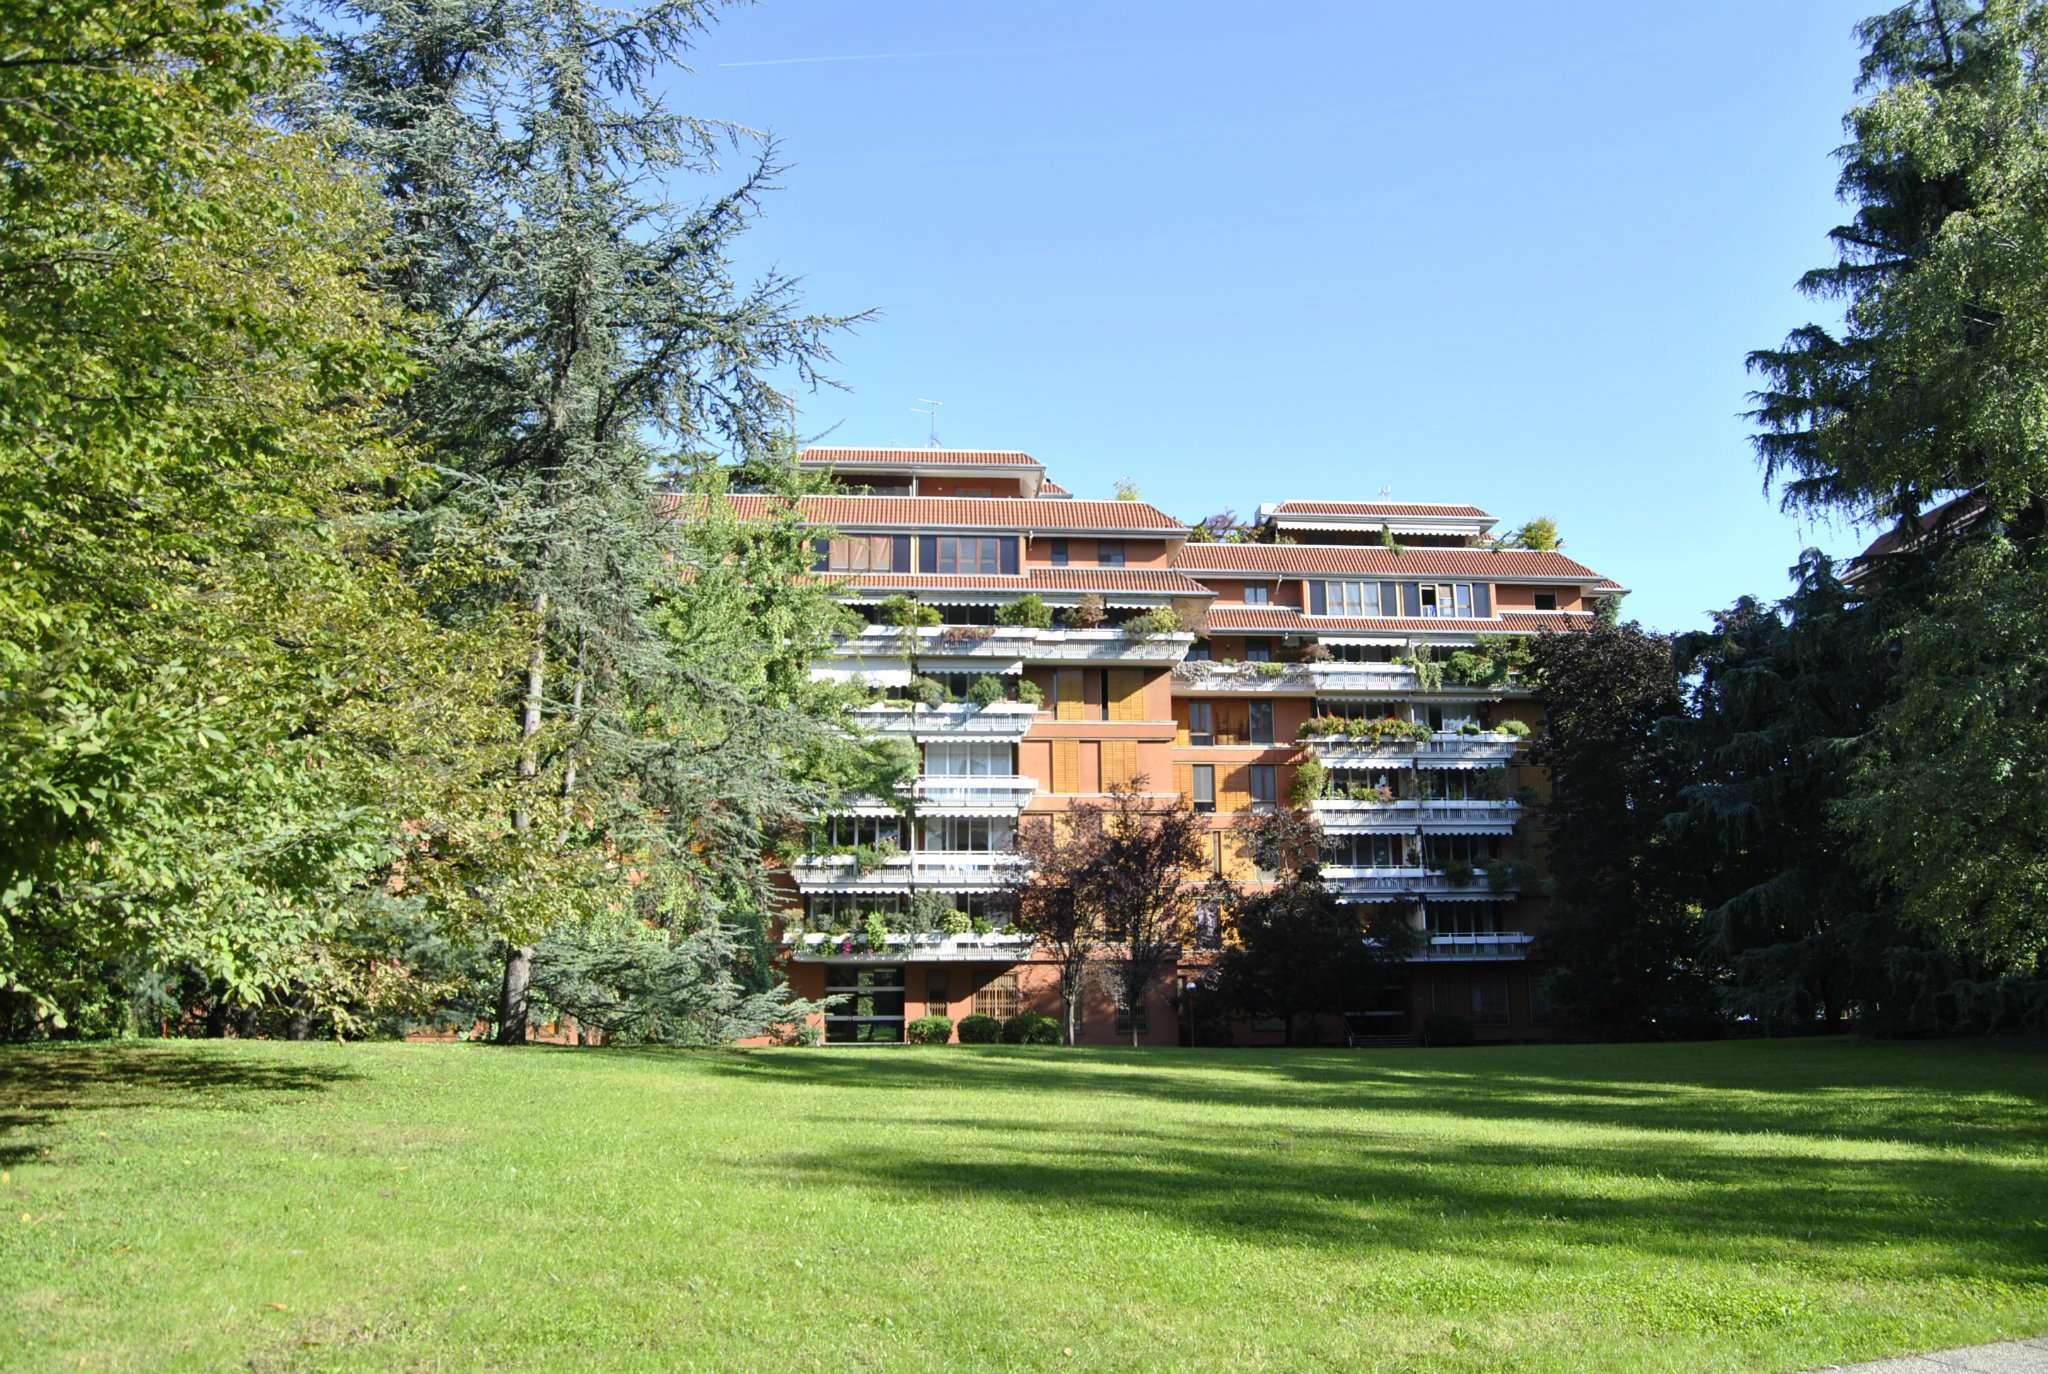 Appartamento in vendita a Segrate, 4 locali, prezzo € 1.000.000 | CambioCasa.it